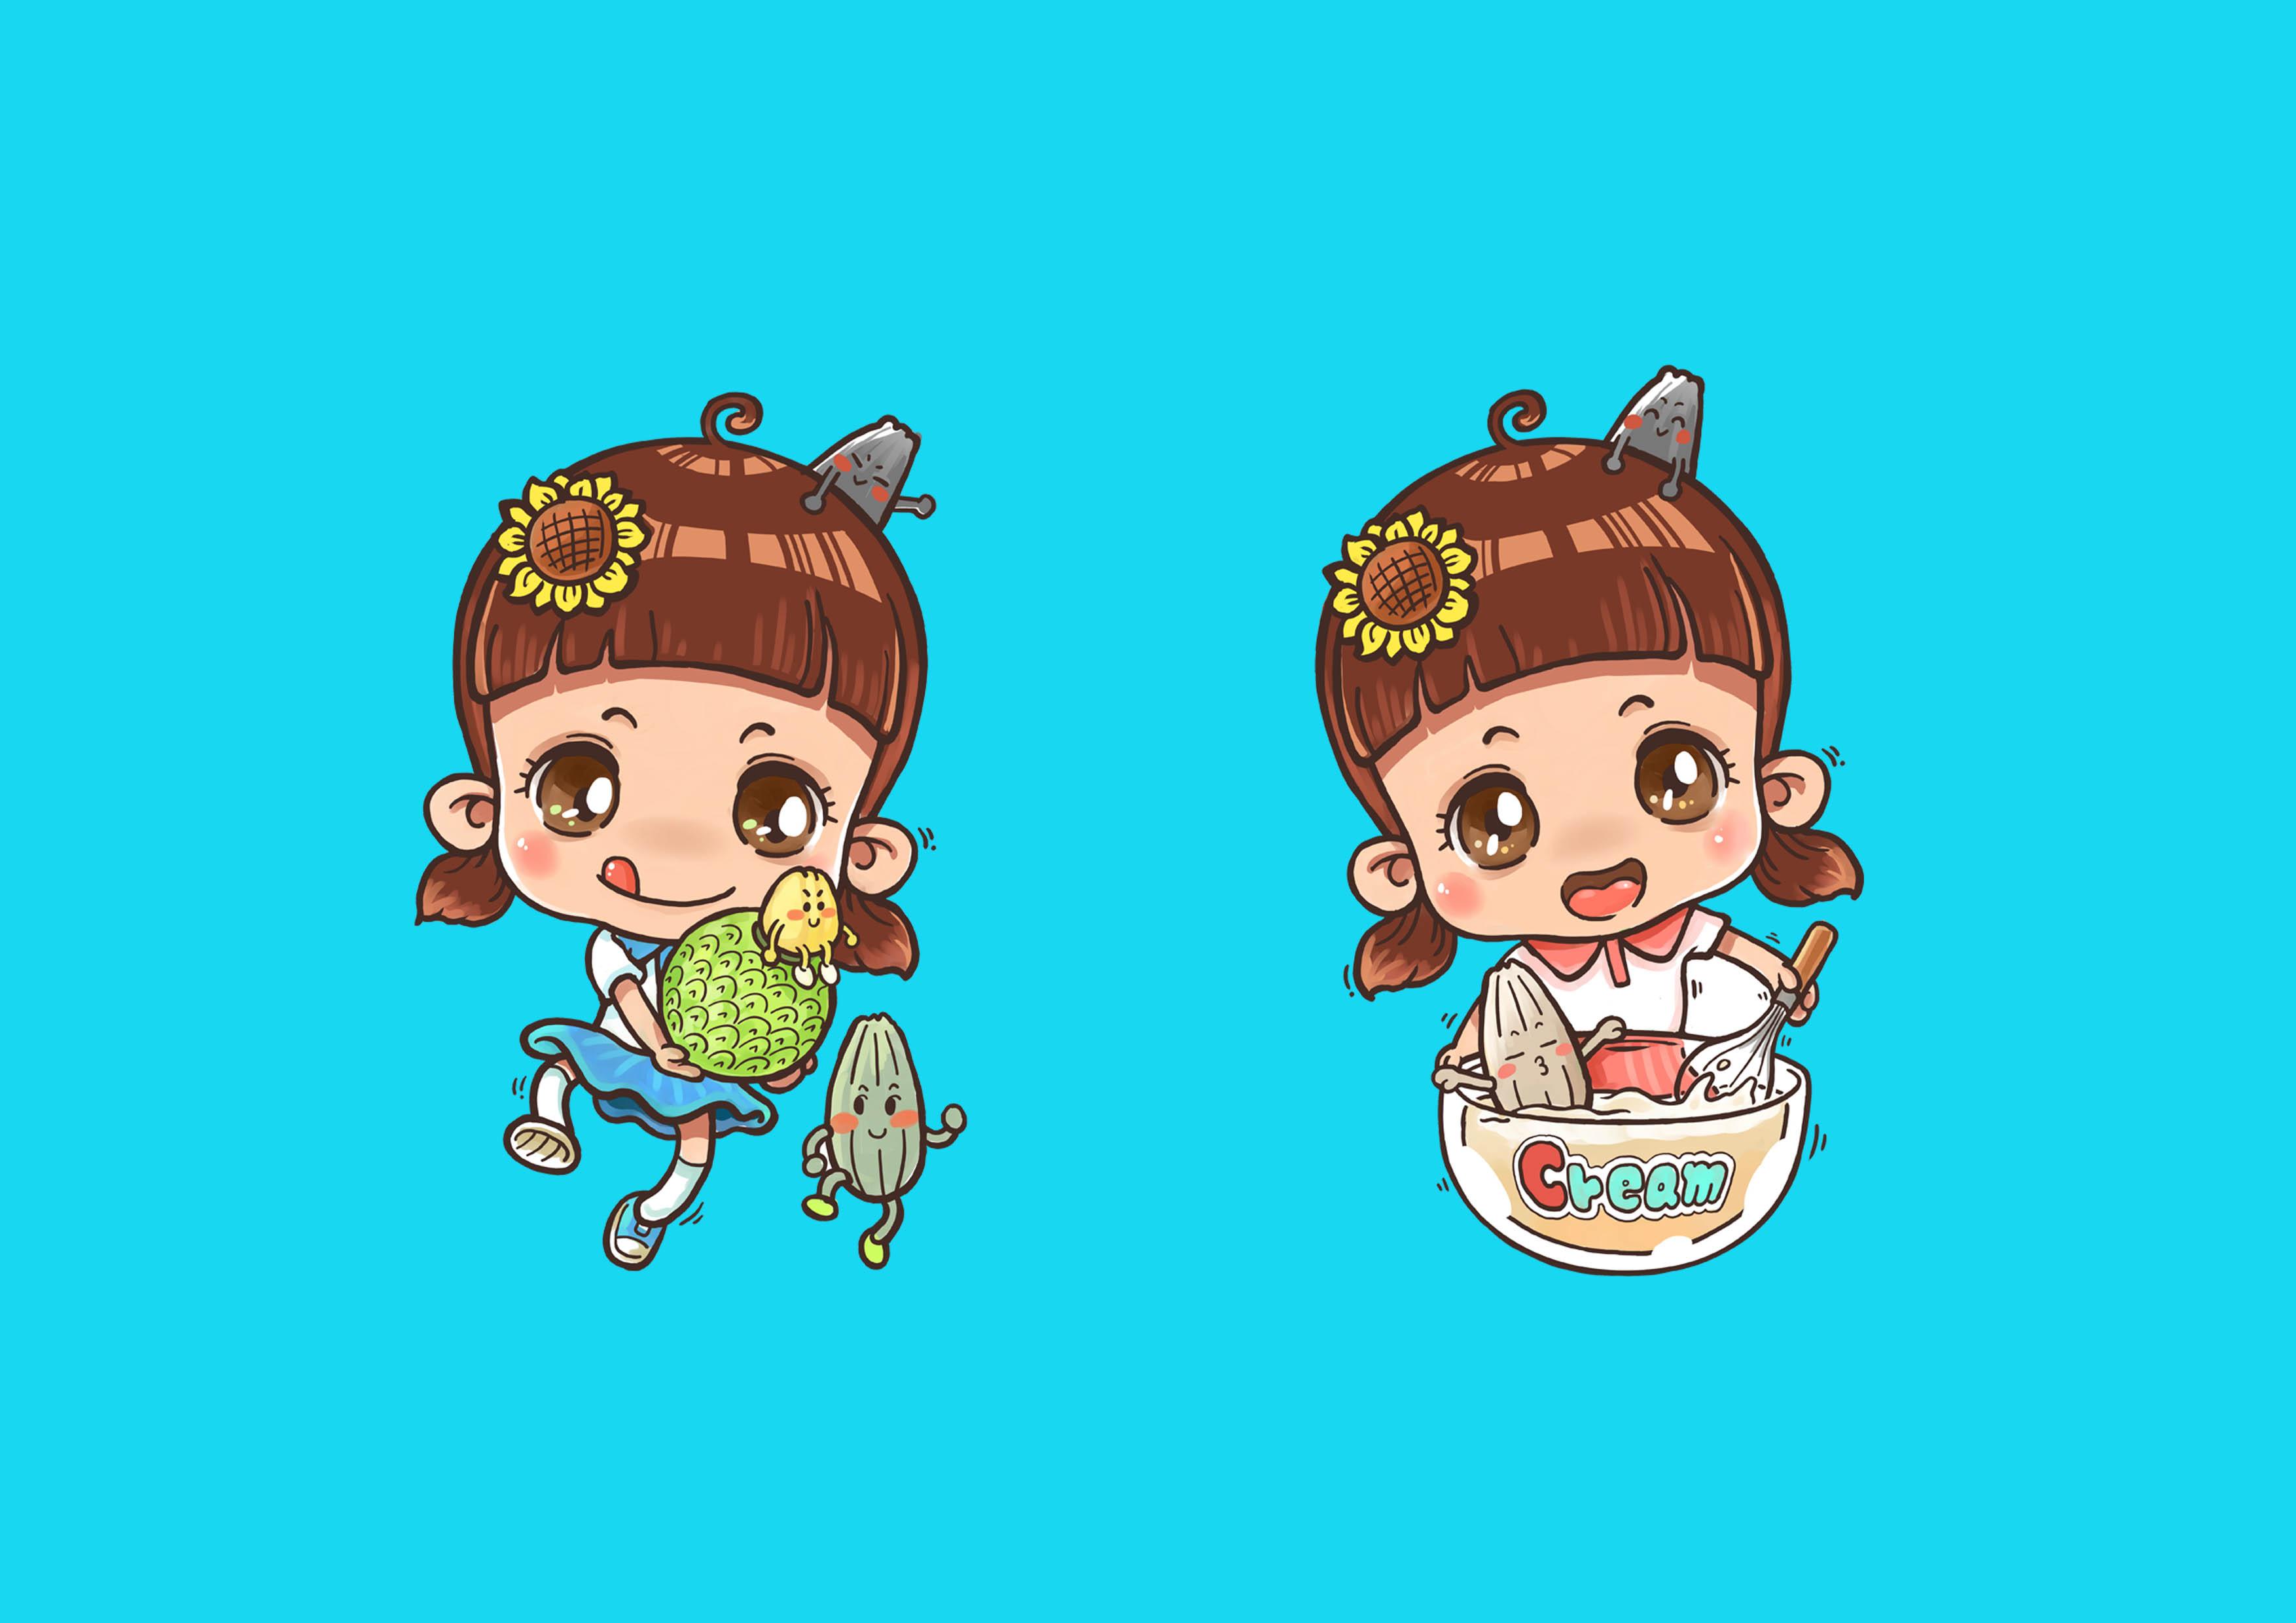 卡通形象设计,吉祥物设计,logo,动画模型商业插画四格漫画